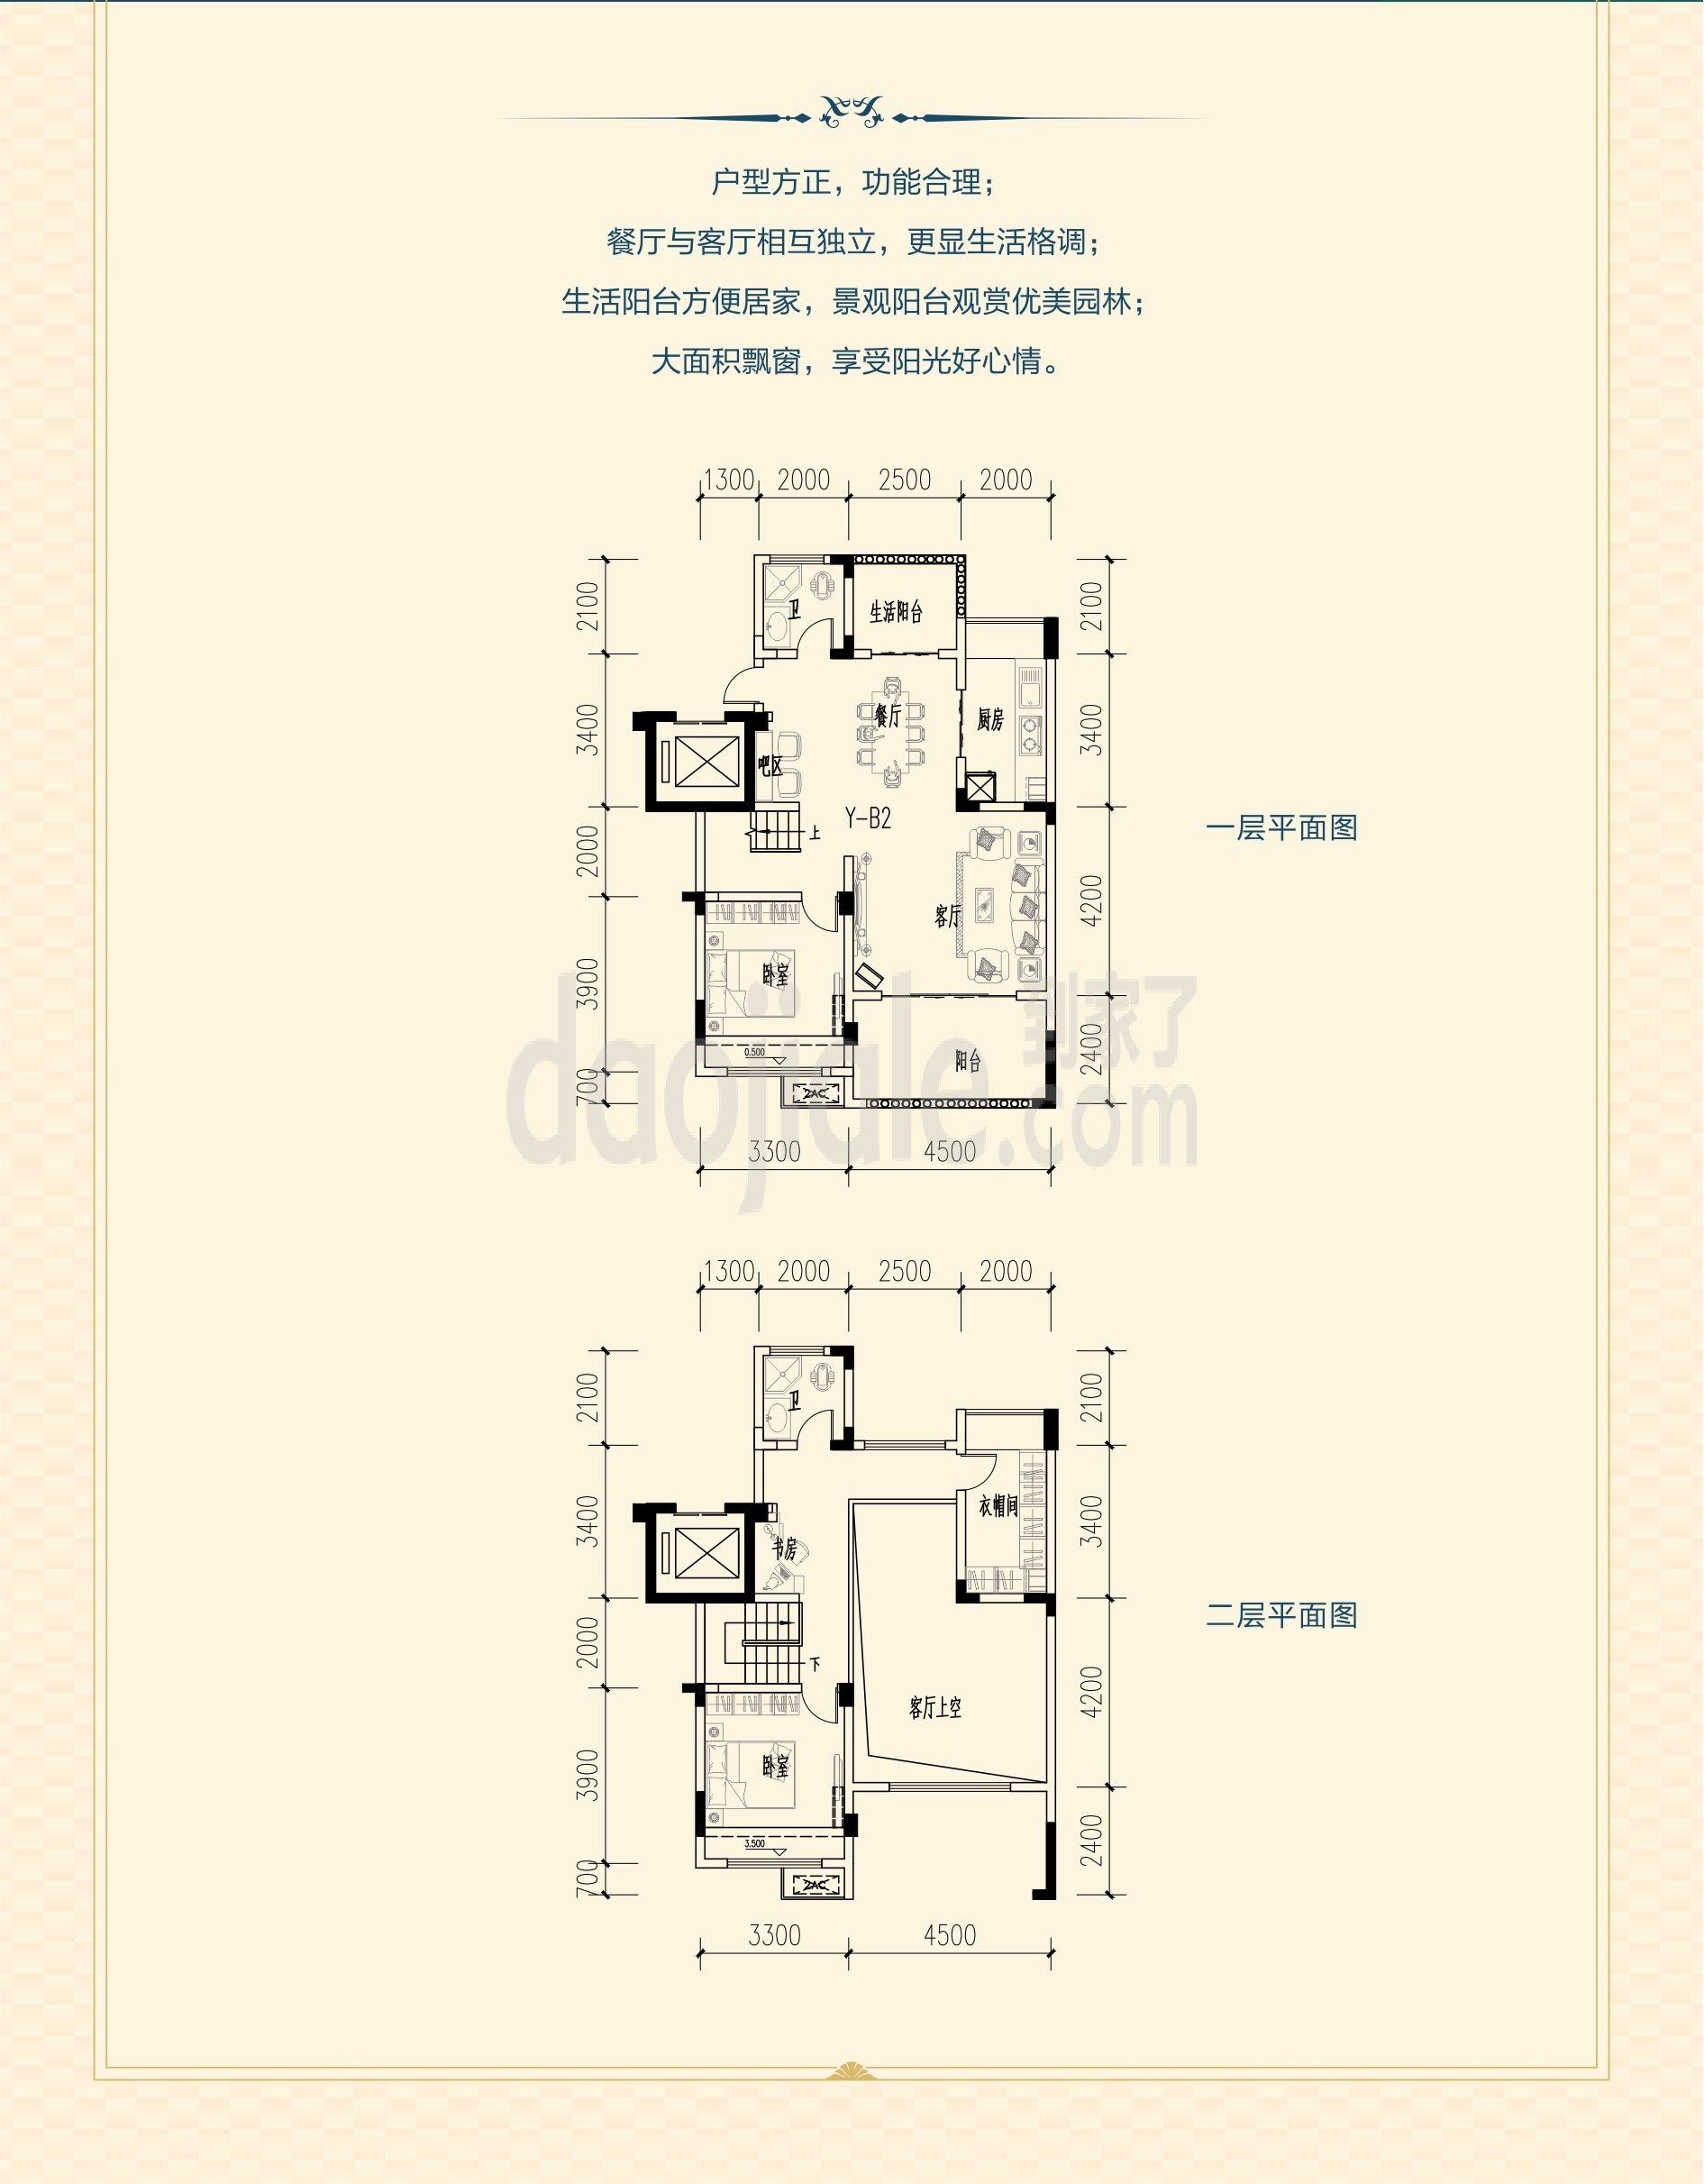 江津区东部新城祥豪维多利亚港湾新房洋房户型图